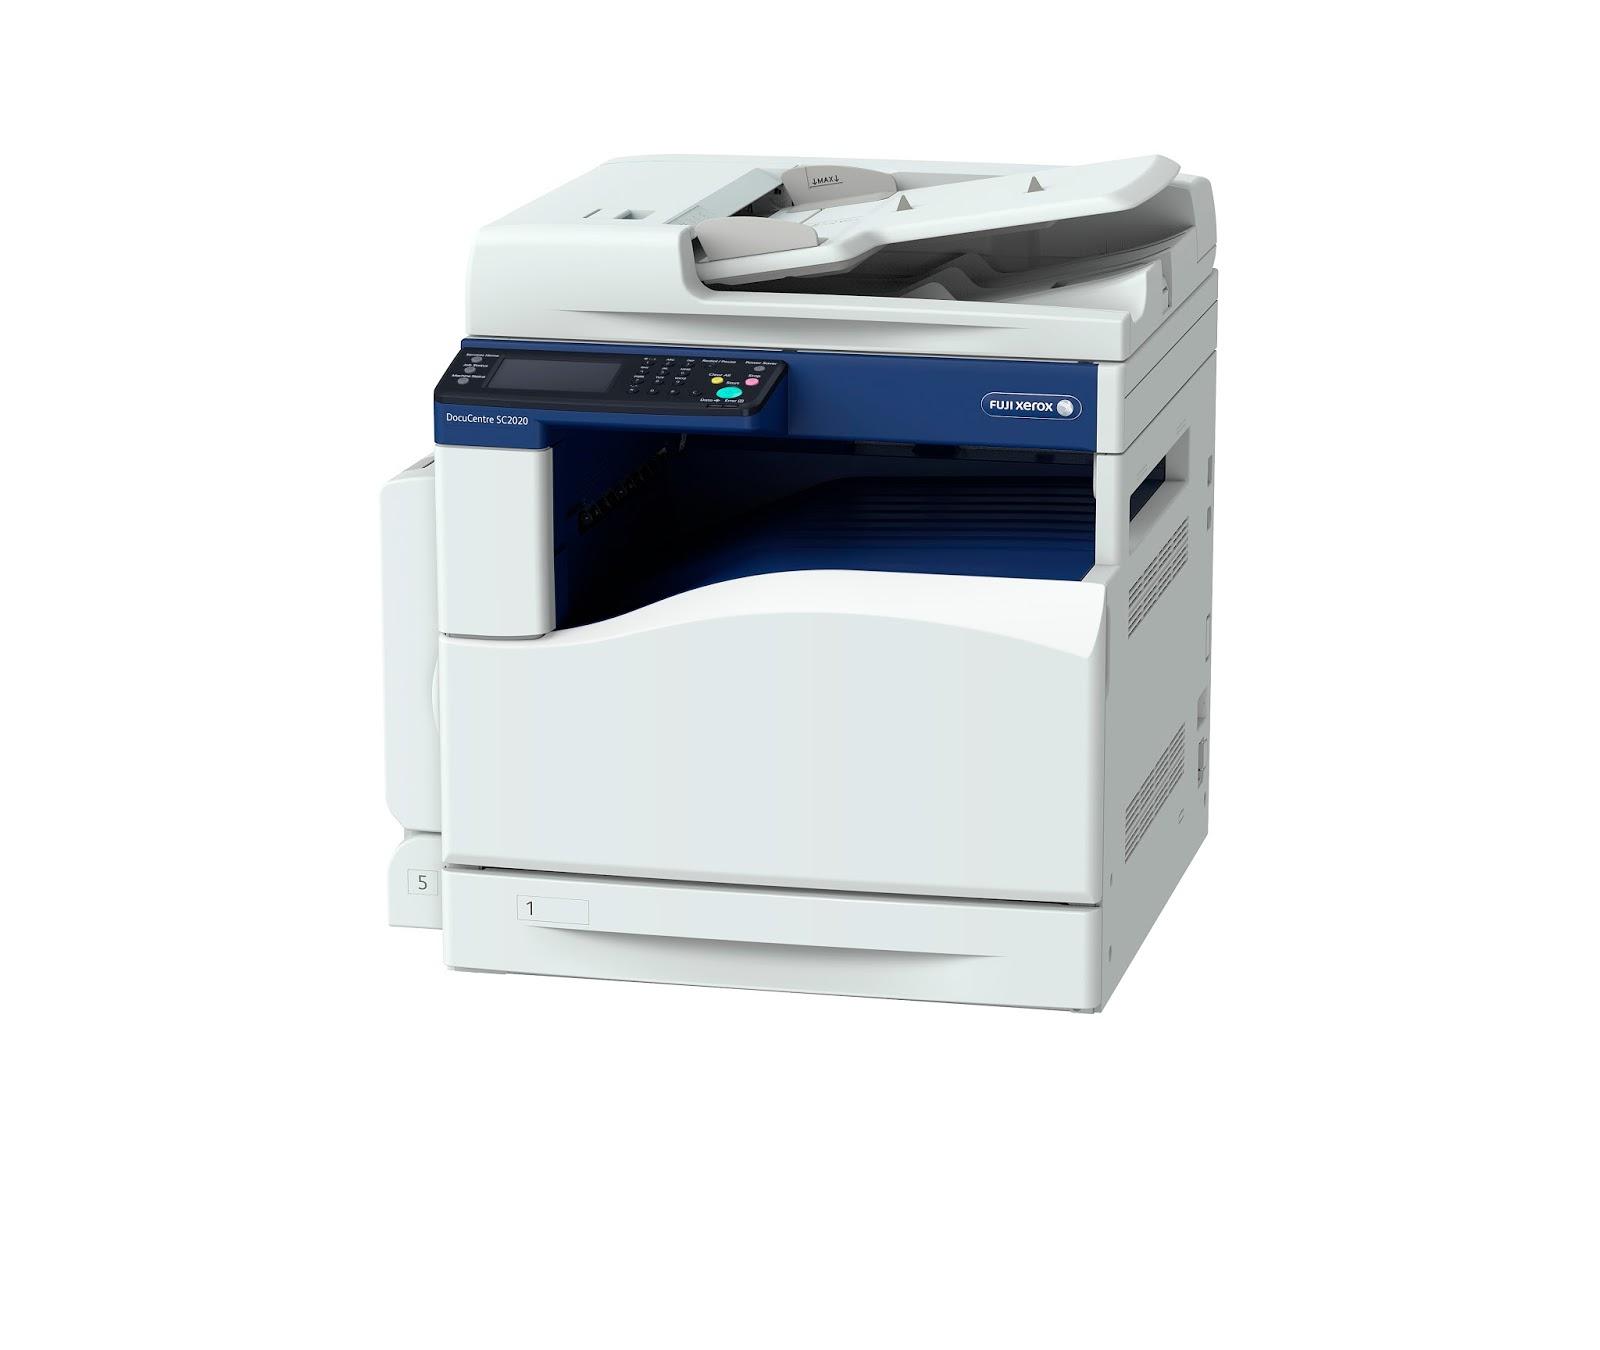 Daftar Harga Sewa Mesin Fotocopy Xerox 2016 - kami adalah perusahaan